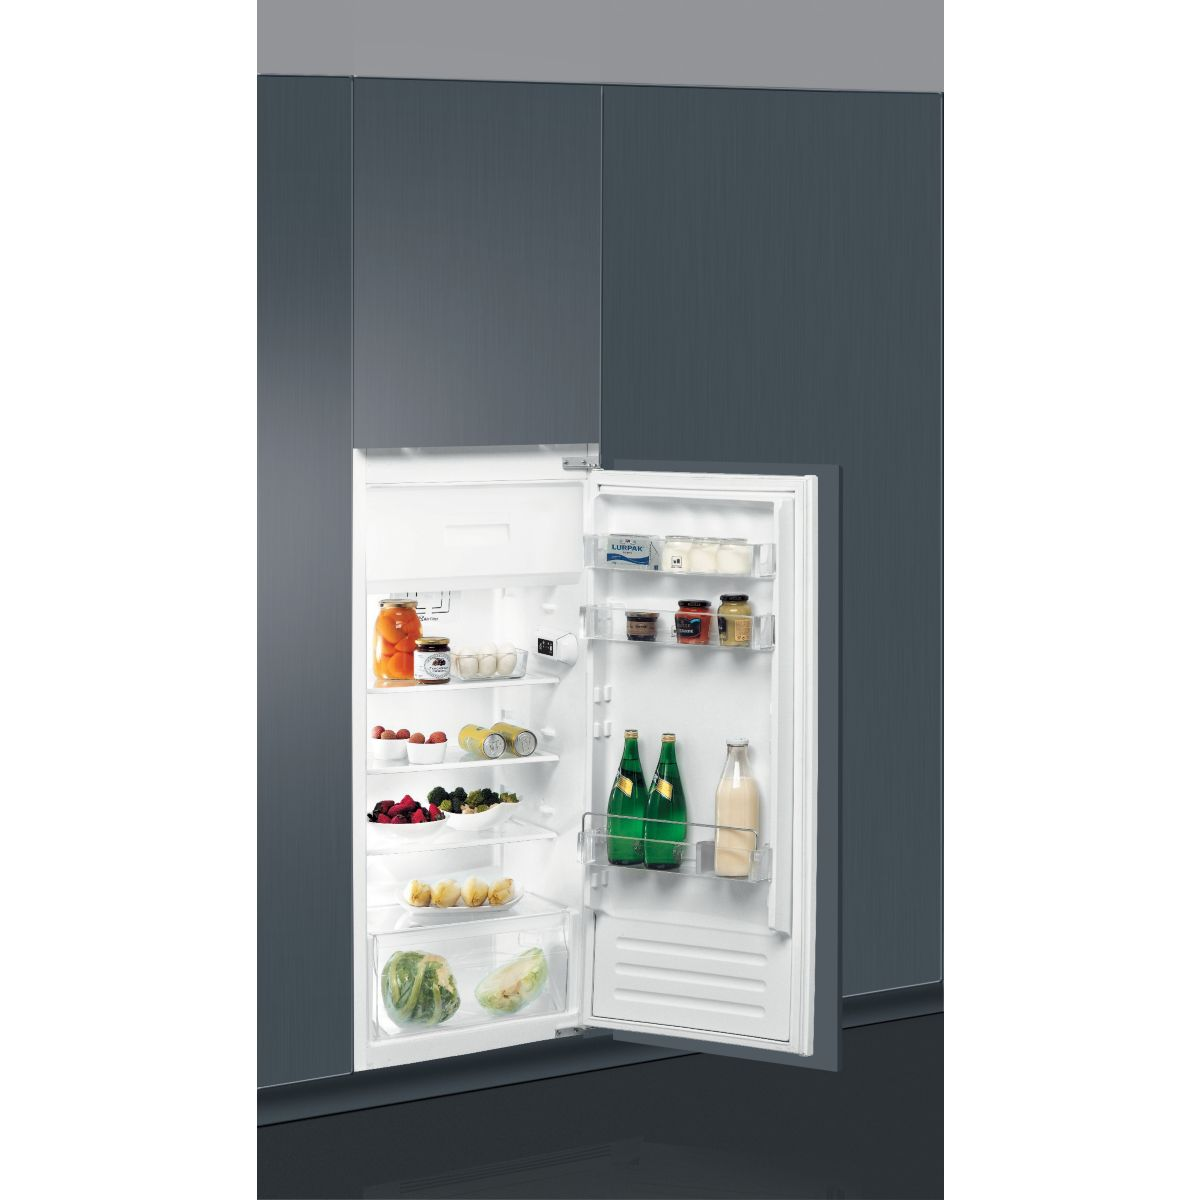 Réfrigérateur 1 porte encastrable WHIRLPOOL ARG860/A++/1